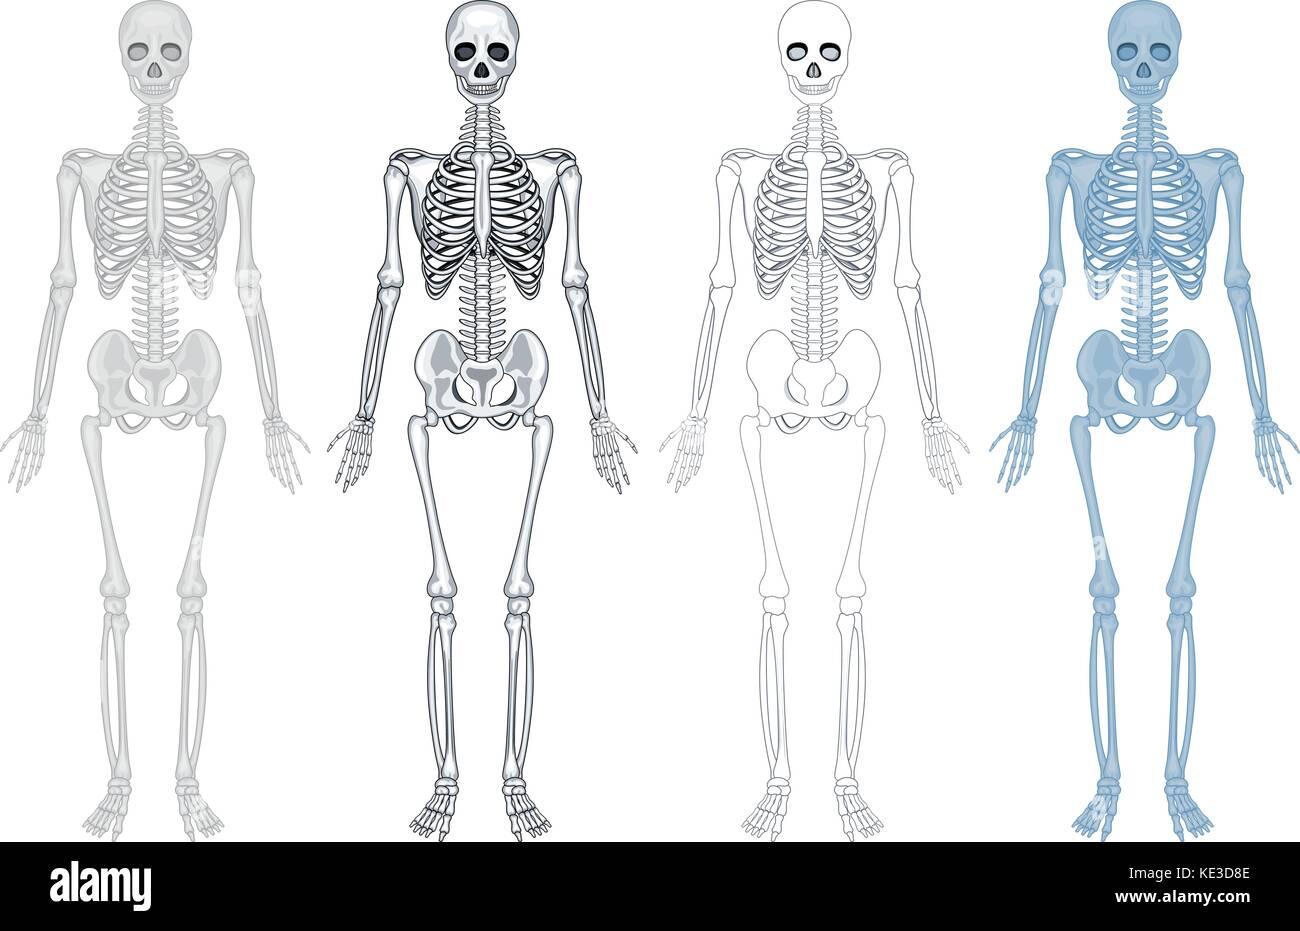 Lujoso Diagrama Del Sistema Esquelético Humano Marcado Modelo ...